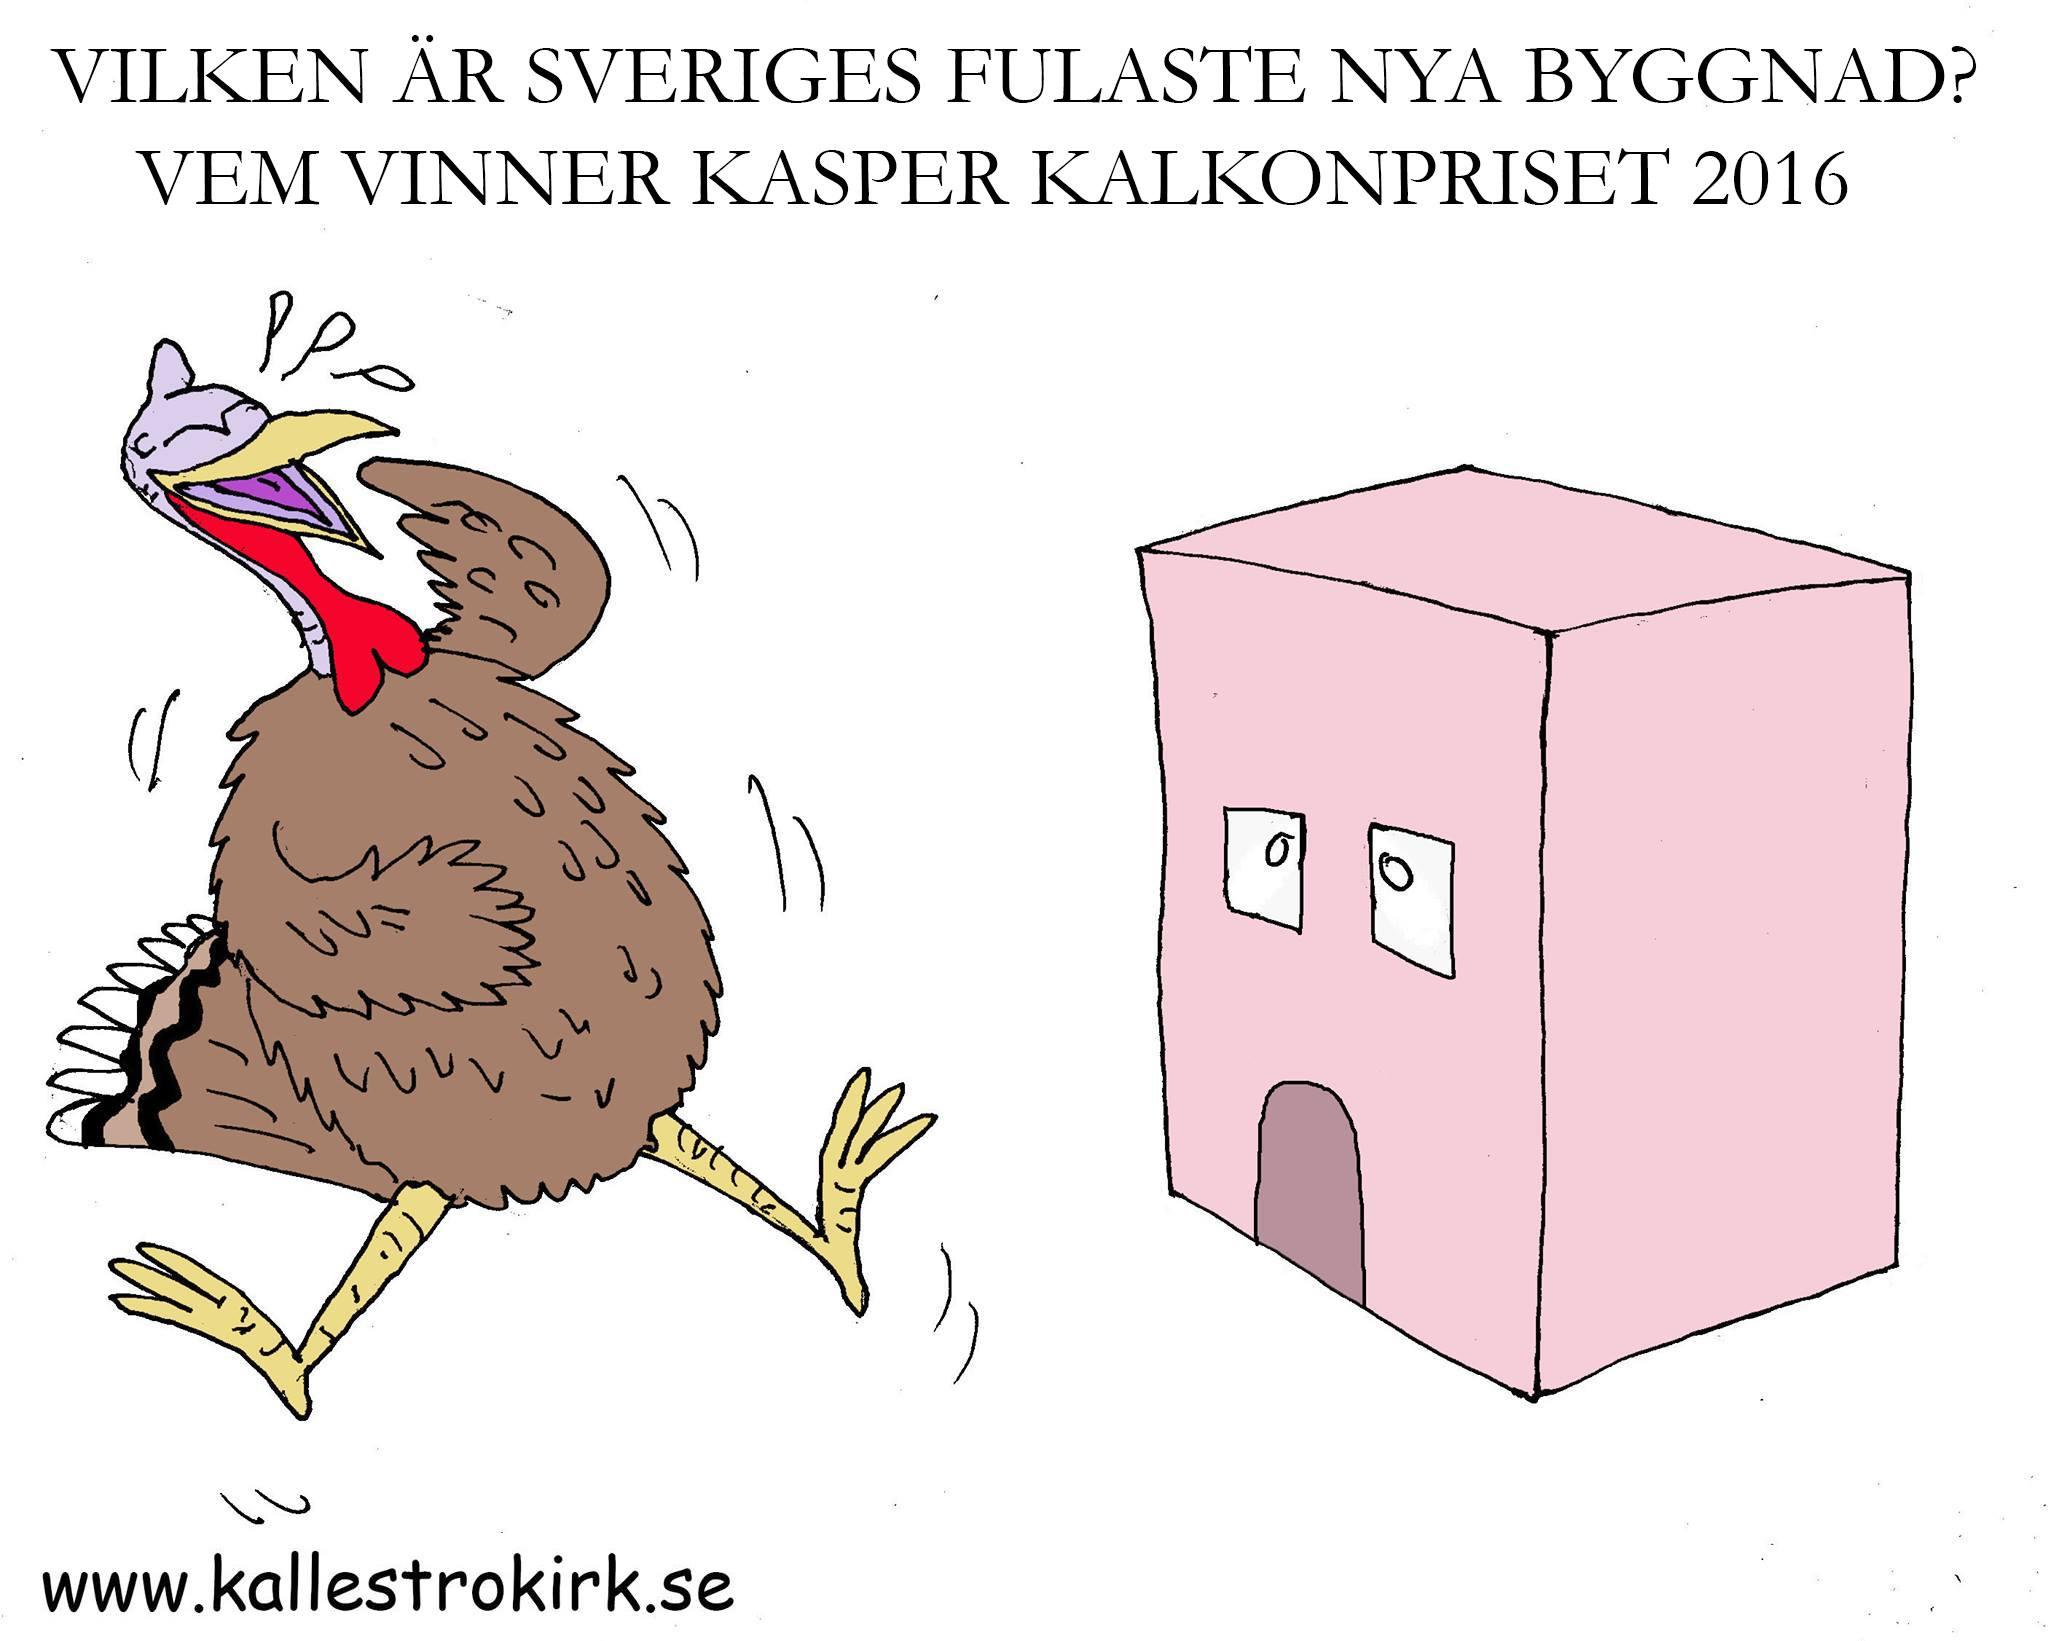 Nominera till Kasper Kalkonpriset 2017.